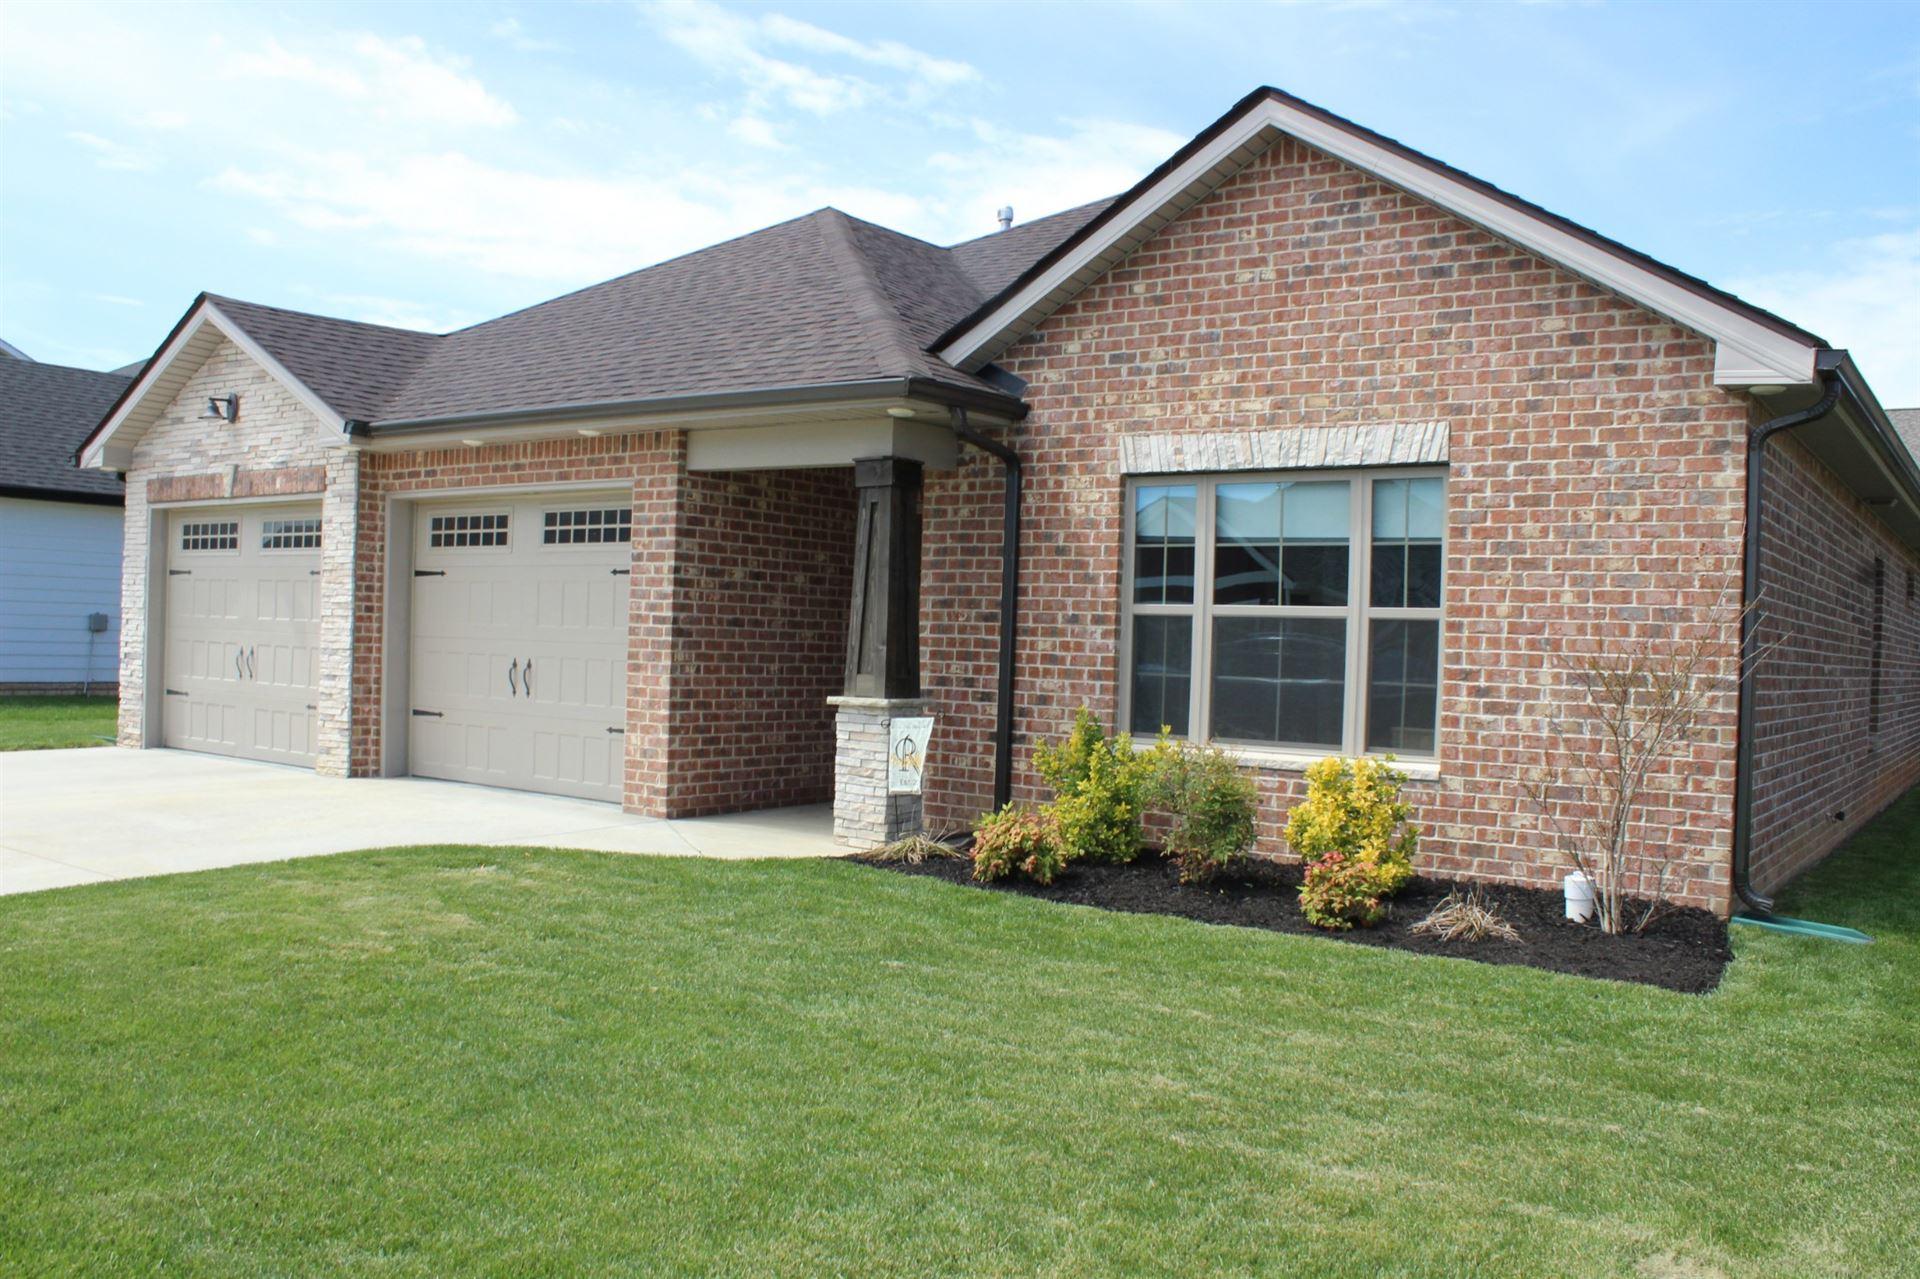 324 Lowline Dr, Clarksville, TN 37043 - MLS#: 2245380